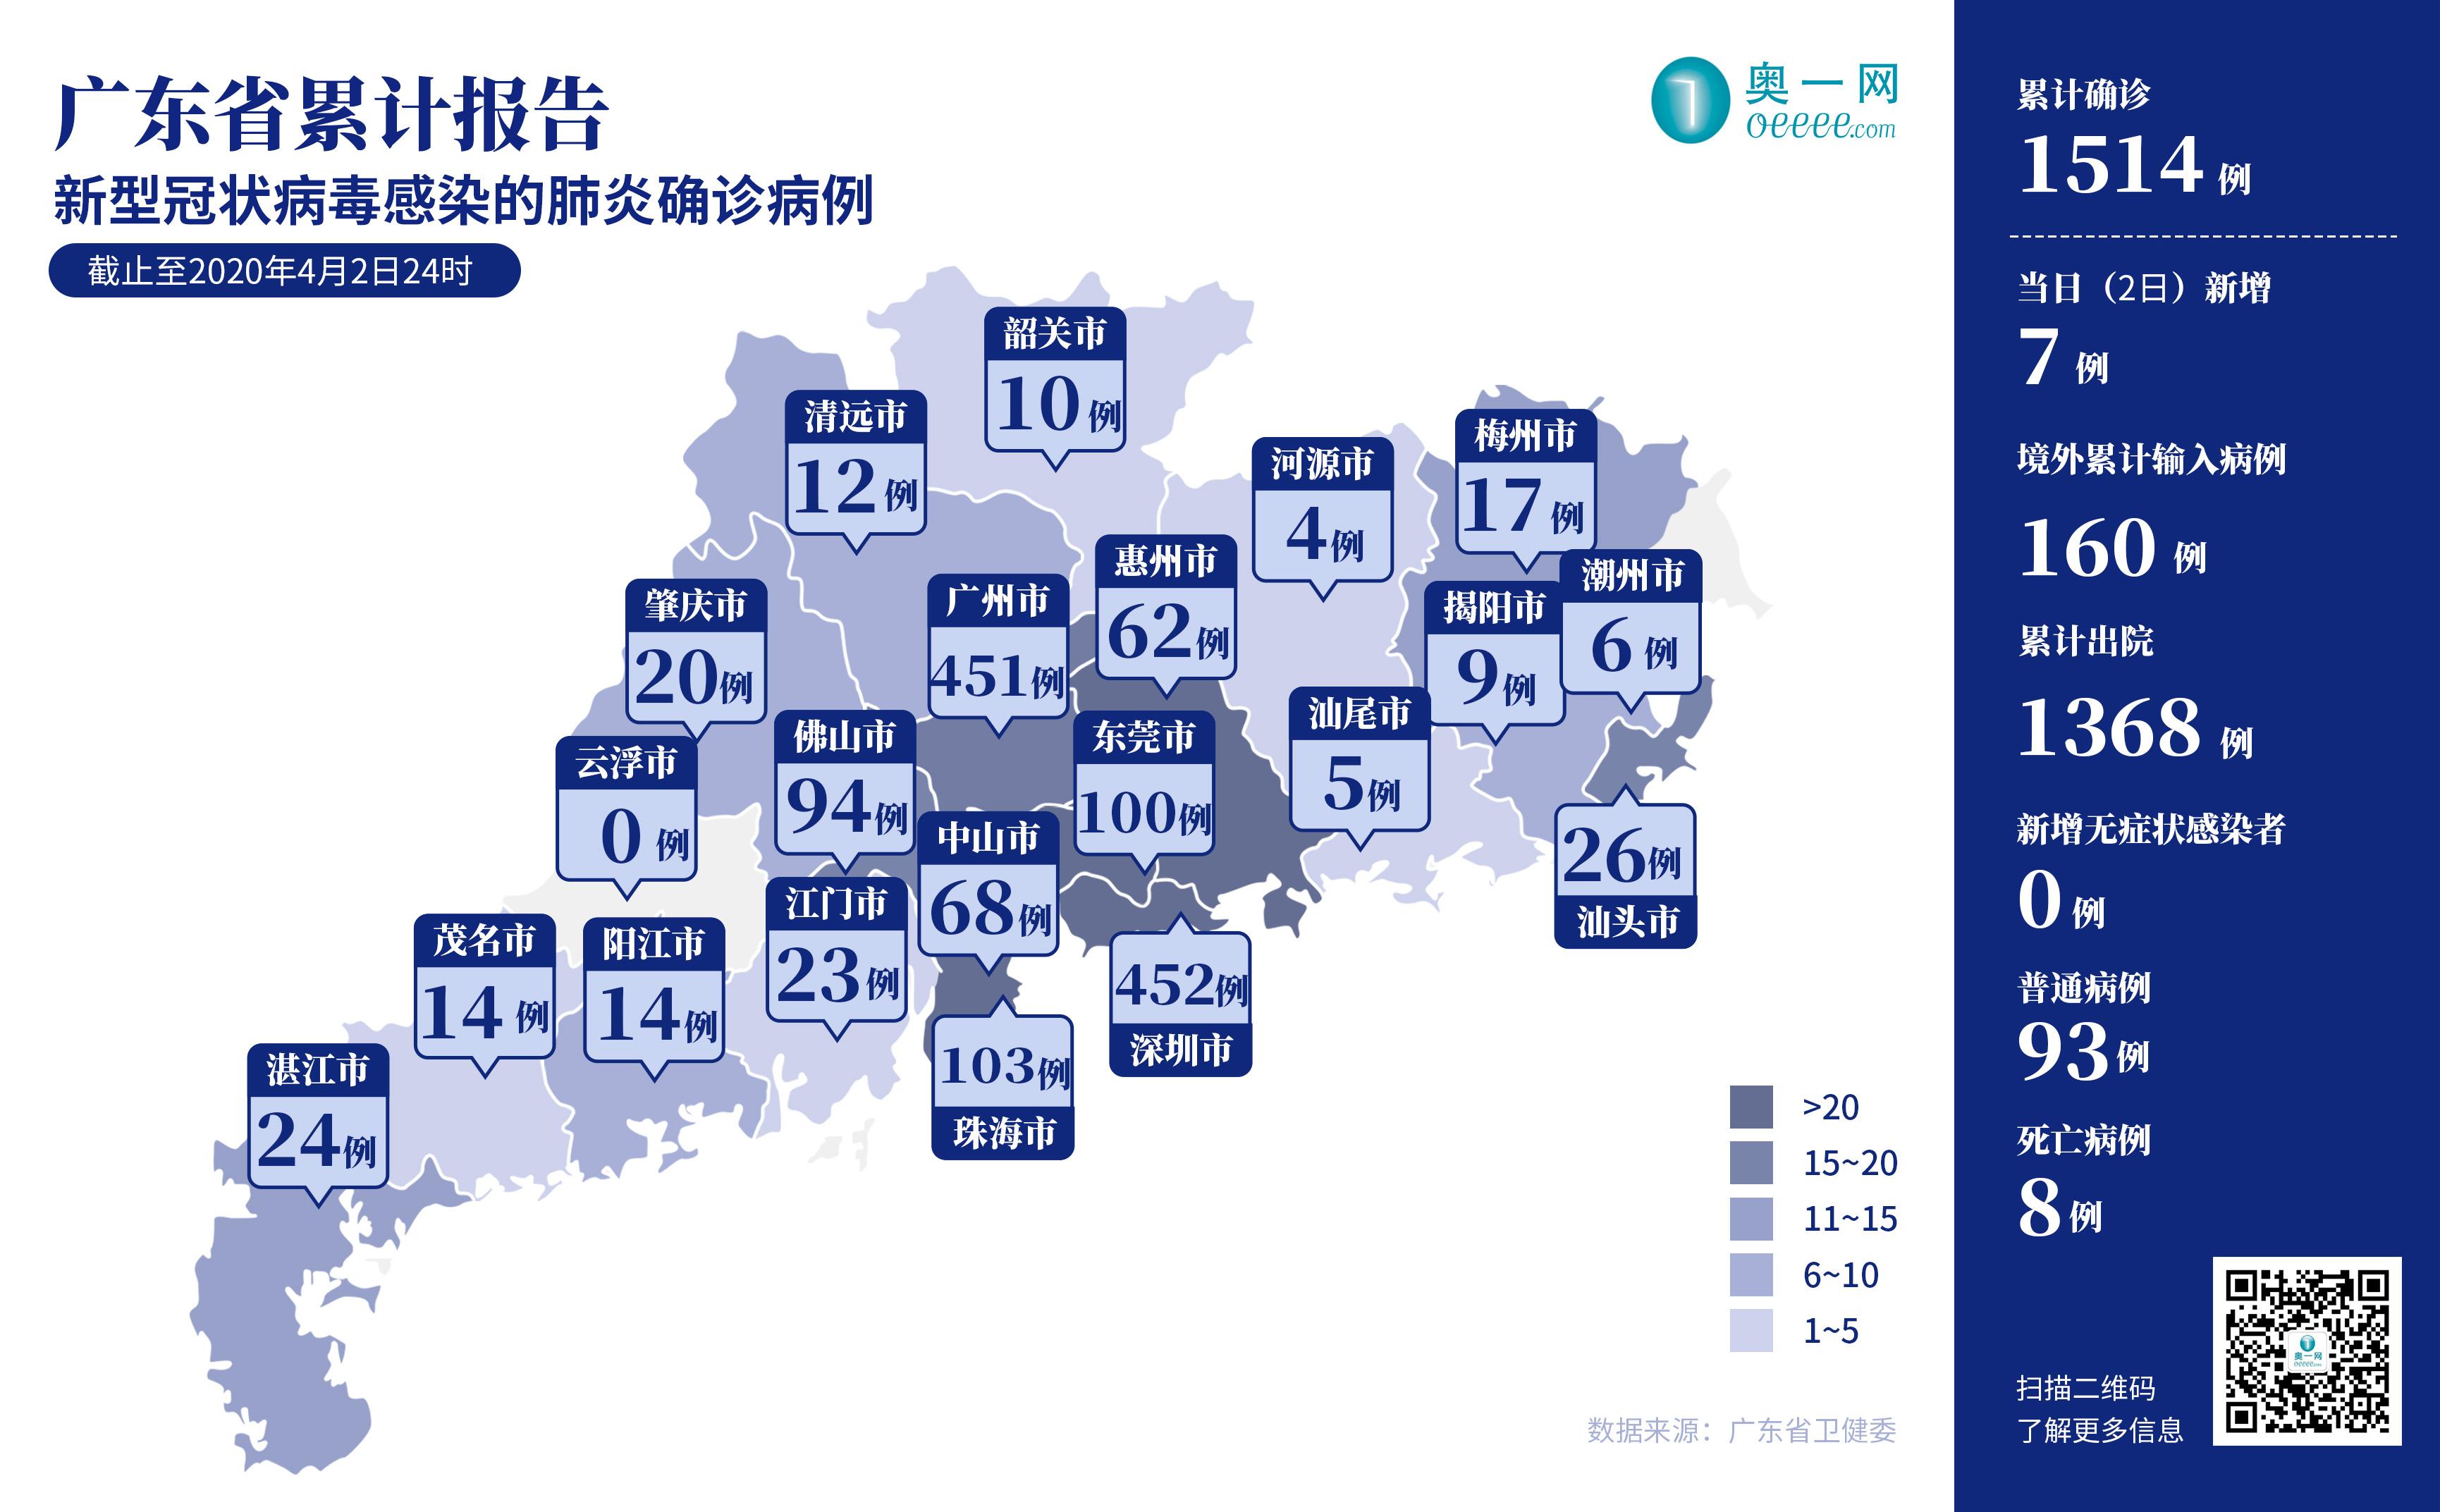 广东新增境外输入6病例,广州新增1境内病例